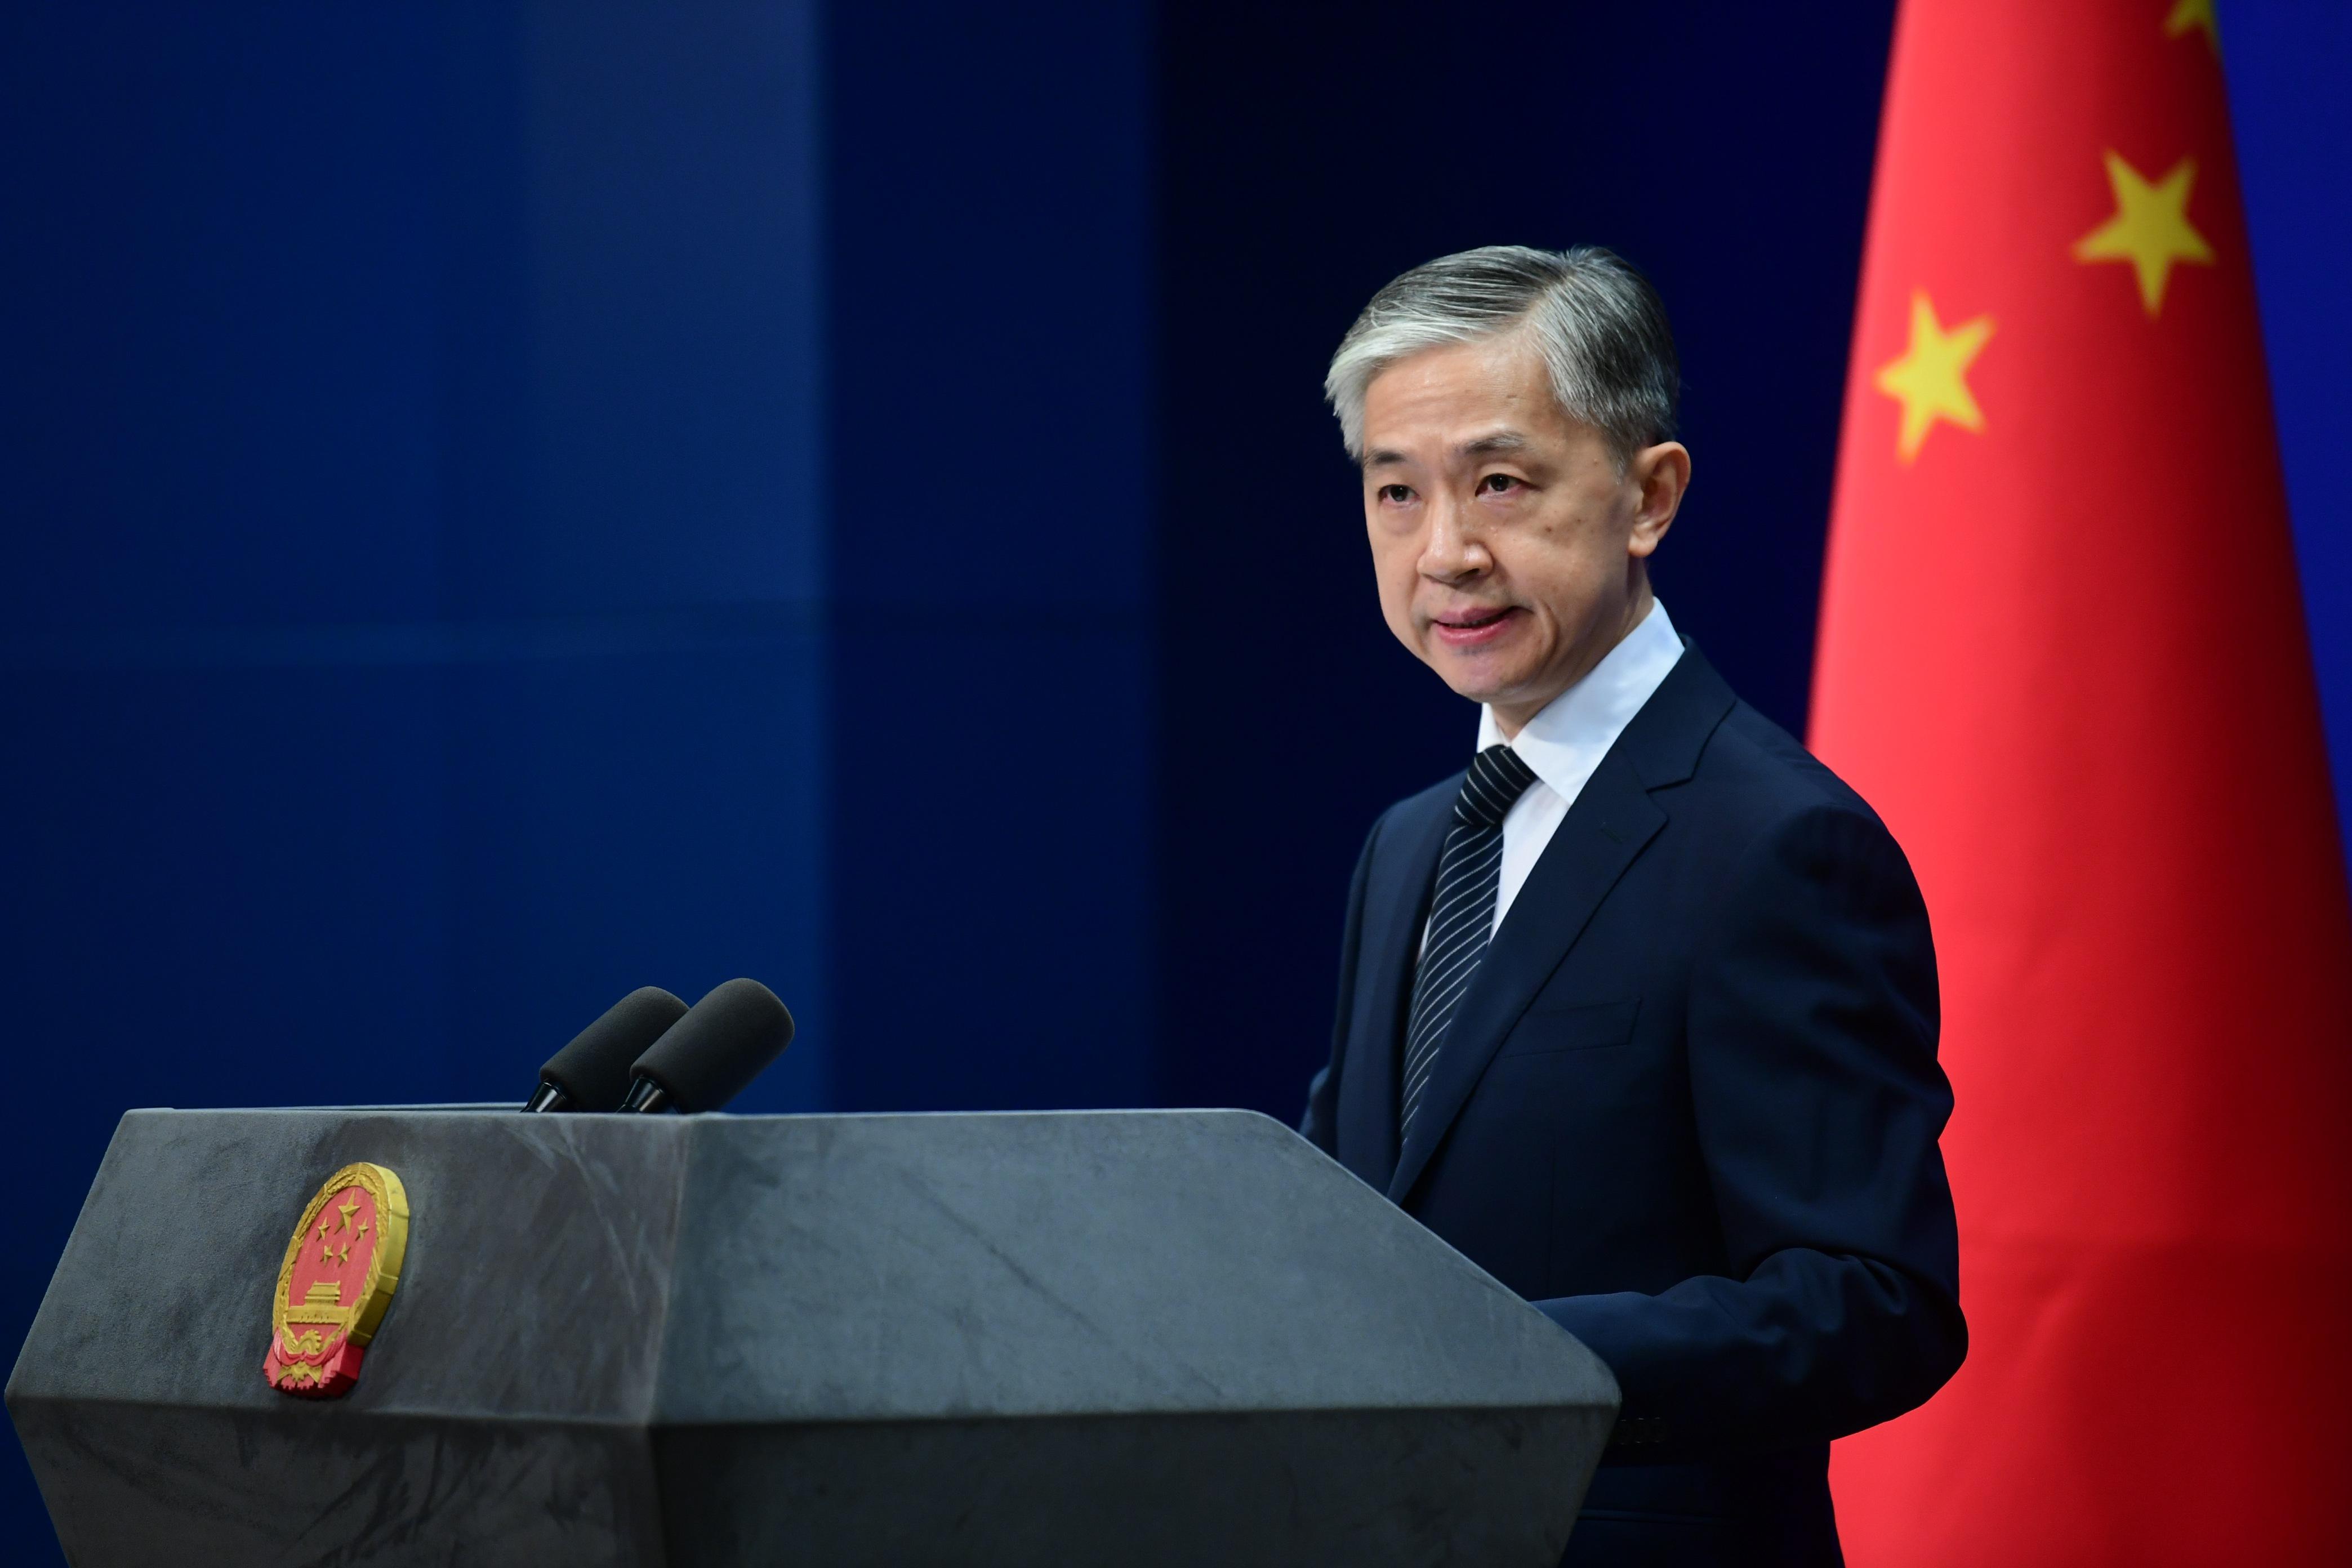 【robots文件】_美防长称中国共产党统治下崛起的中国令人忧虑 外交部回应